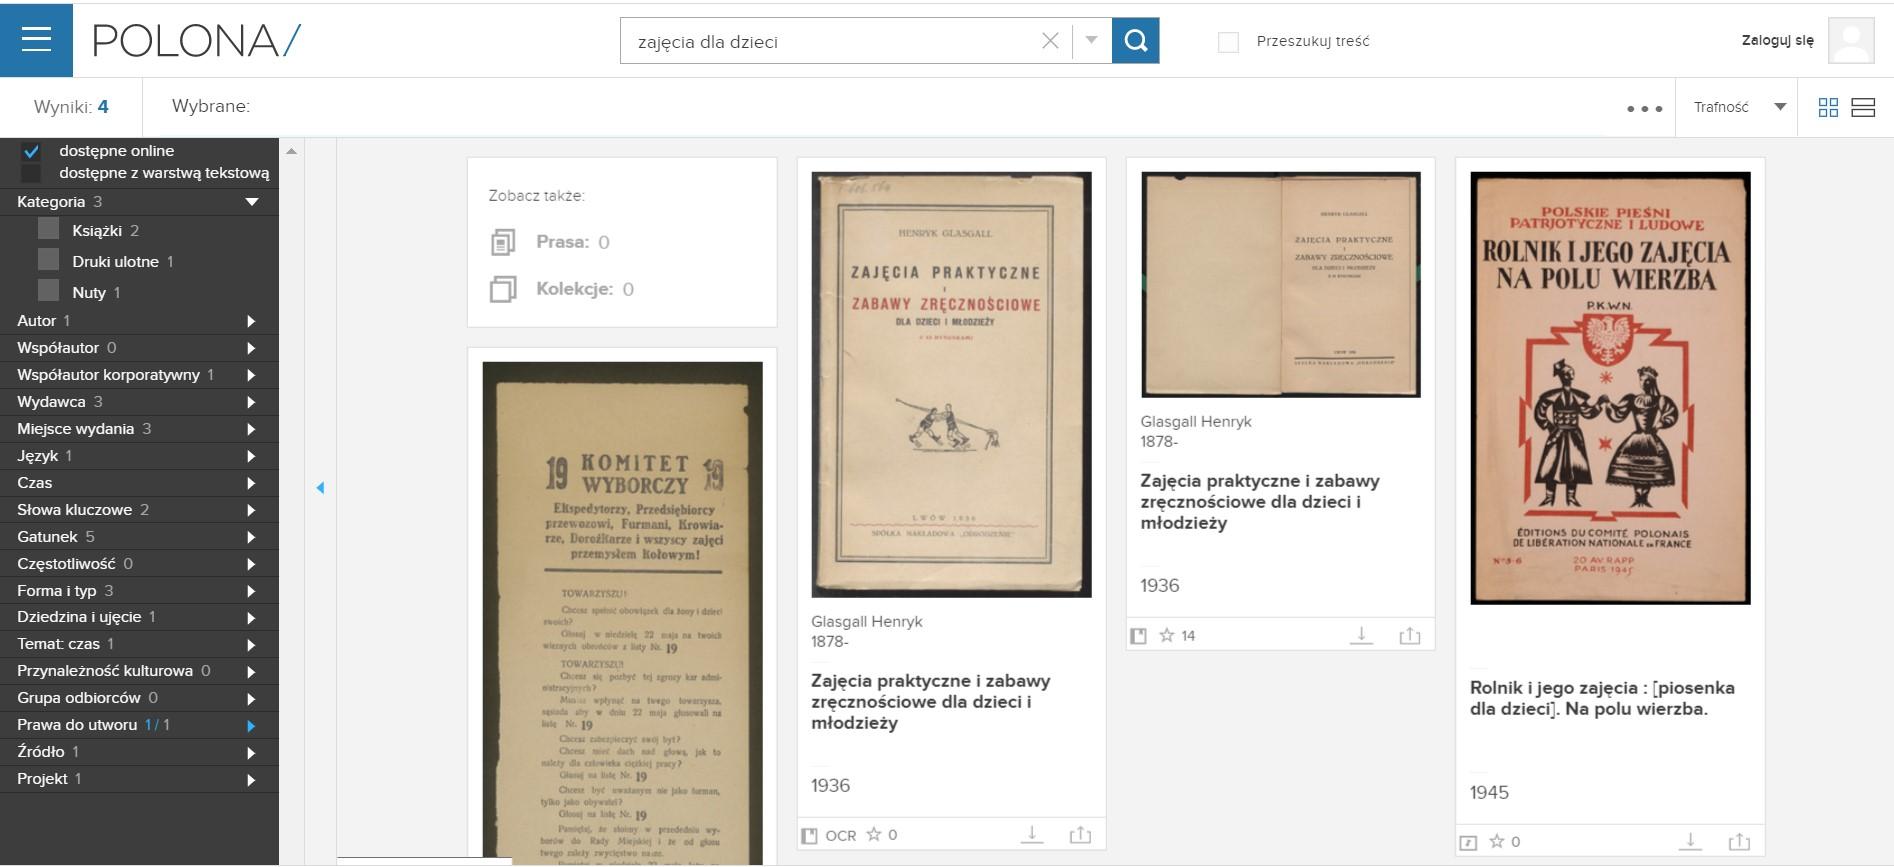 strona Polona z wynikami wyszukiwania, wśród których widnieją okładki kilku archiwalnych książek i dokumentów